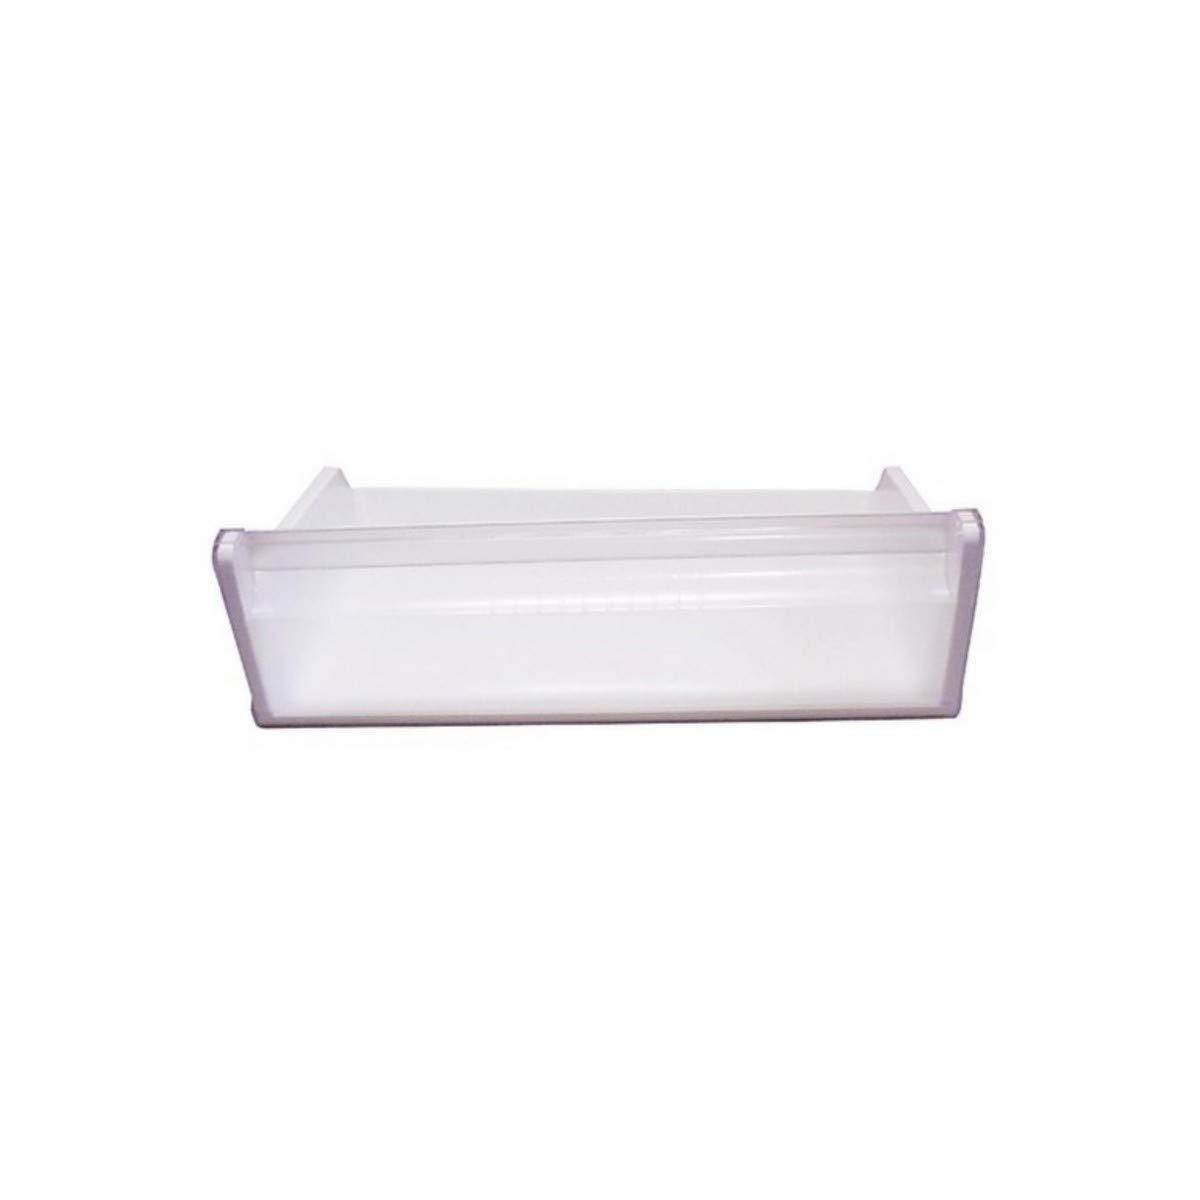 Recamania Cajón congelador frigorífico Balay Bosch 3KRP7766/01 ...